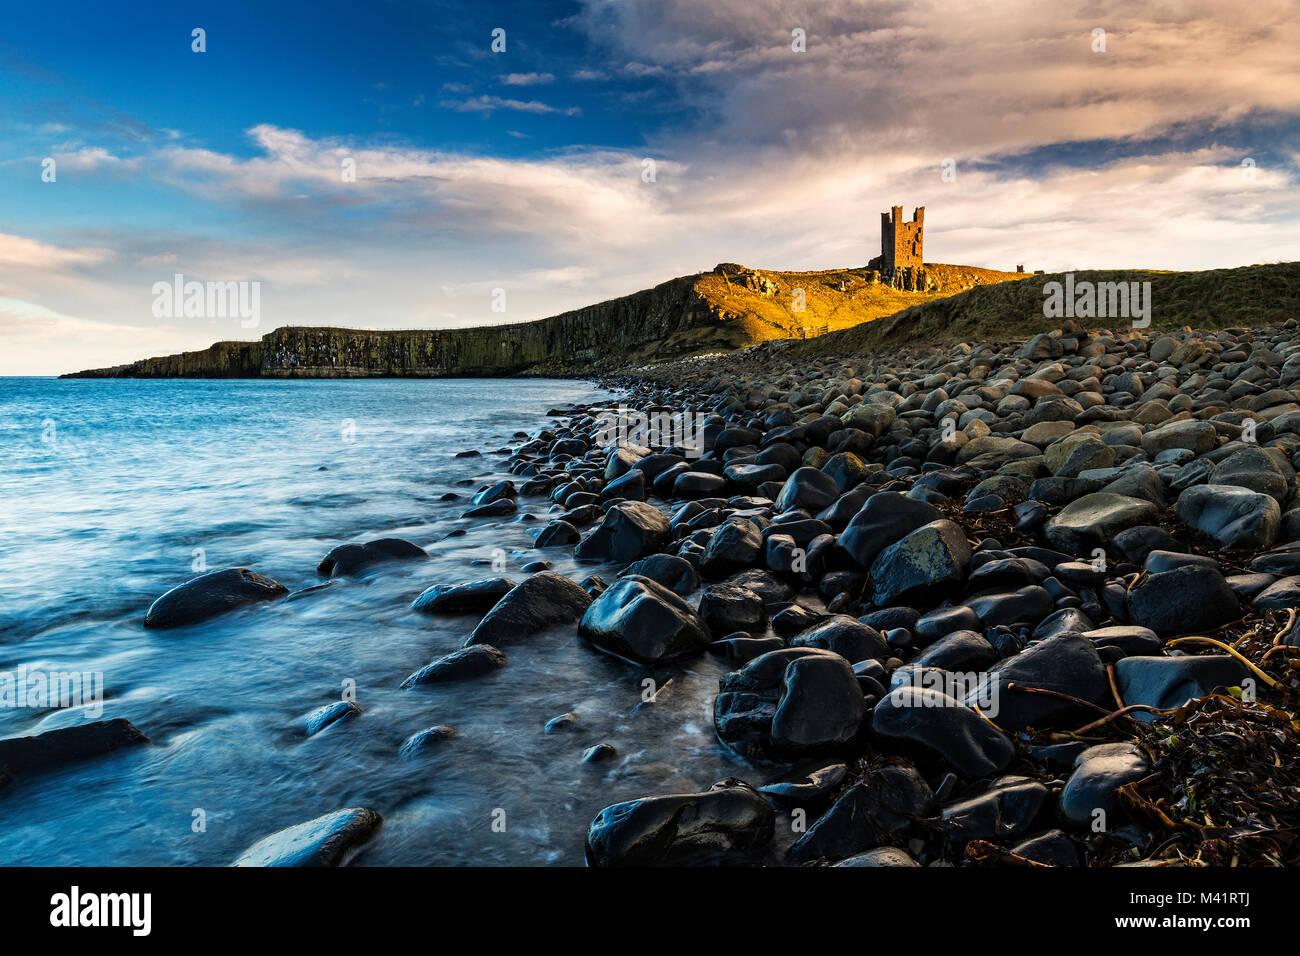 Una fotografía de Dunstanburgh Castle en Northumberland. Imagen De Stock